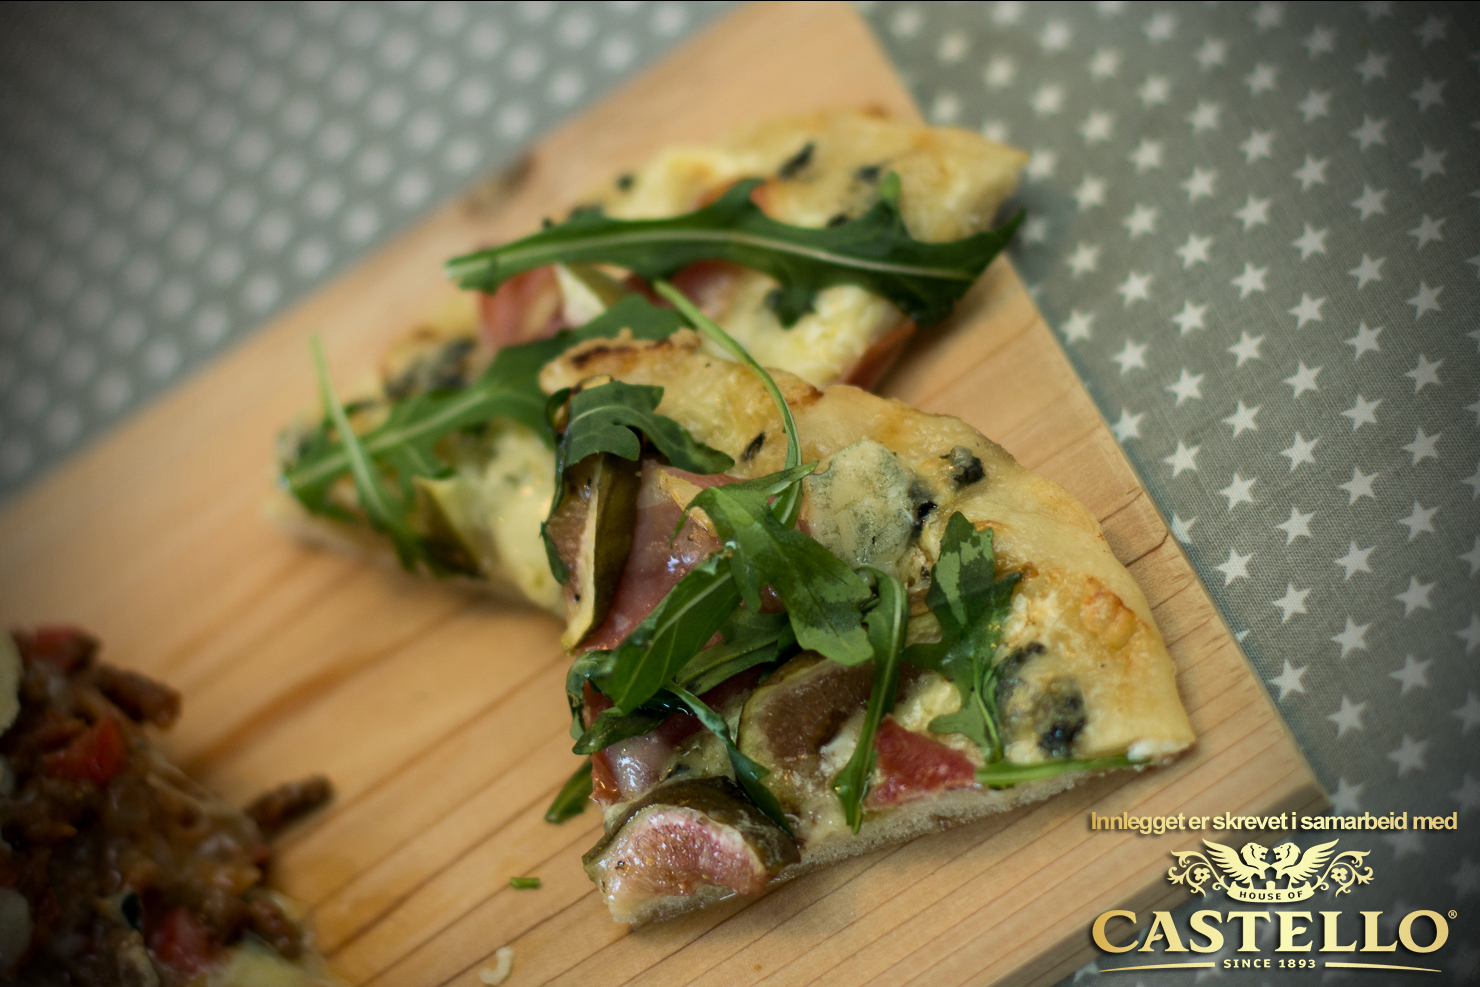 Castello Blå-ost-pizza med fiken og spekeskinke | Castello